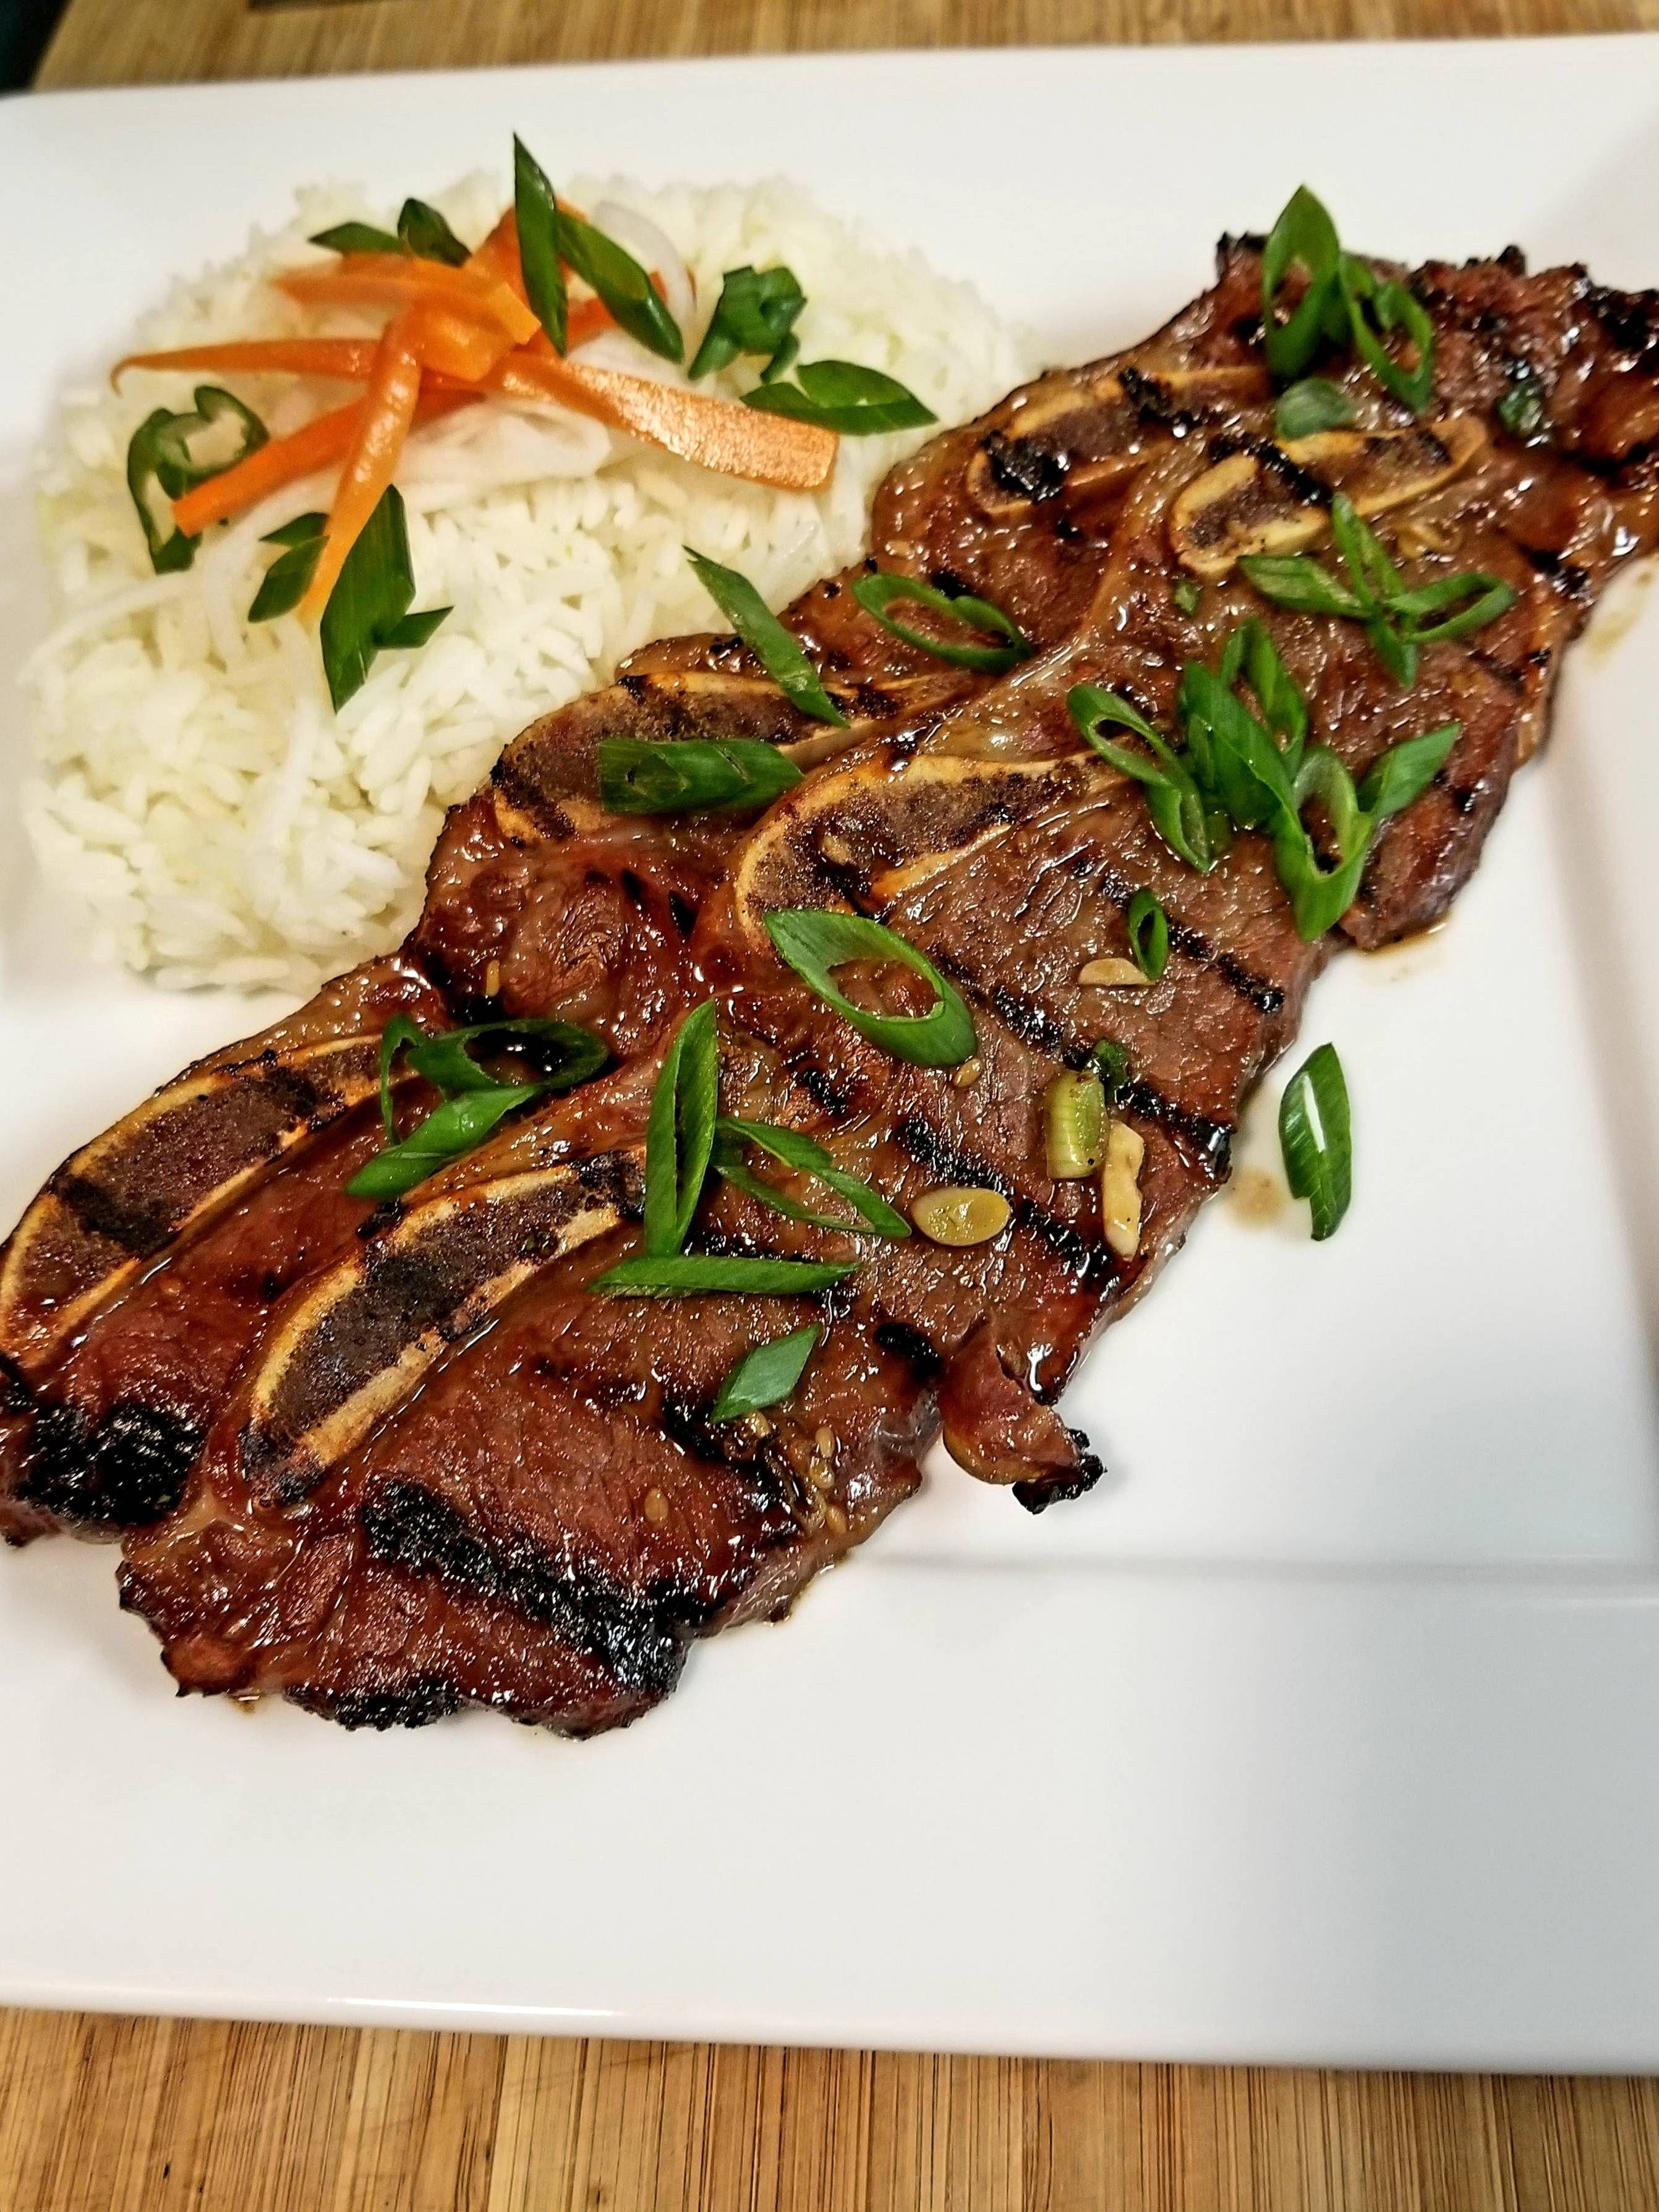 Korean Beef Short Ribs Galbi And Jasmine Rice Oc 2683x3577 Http Ift Tt 2cypcto Korean Beef Short Ribs Beef Short Ribs Korean Beef